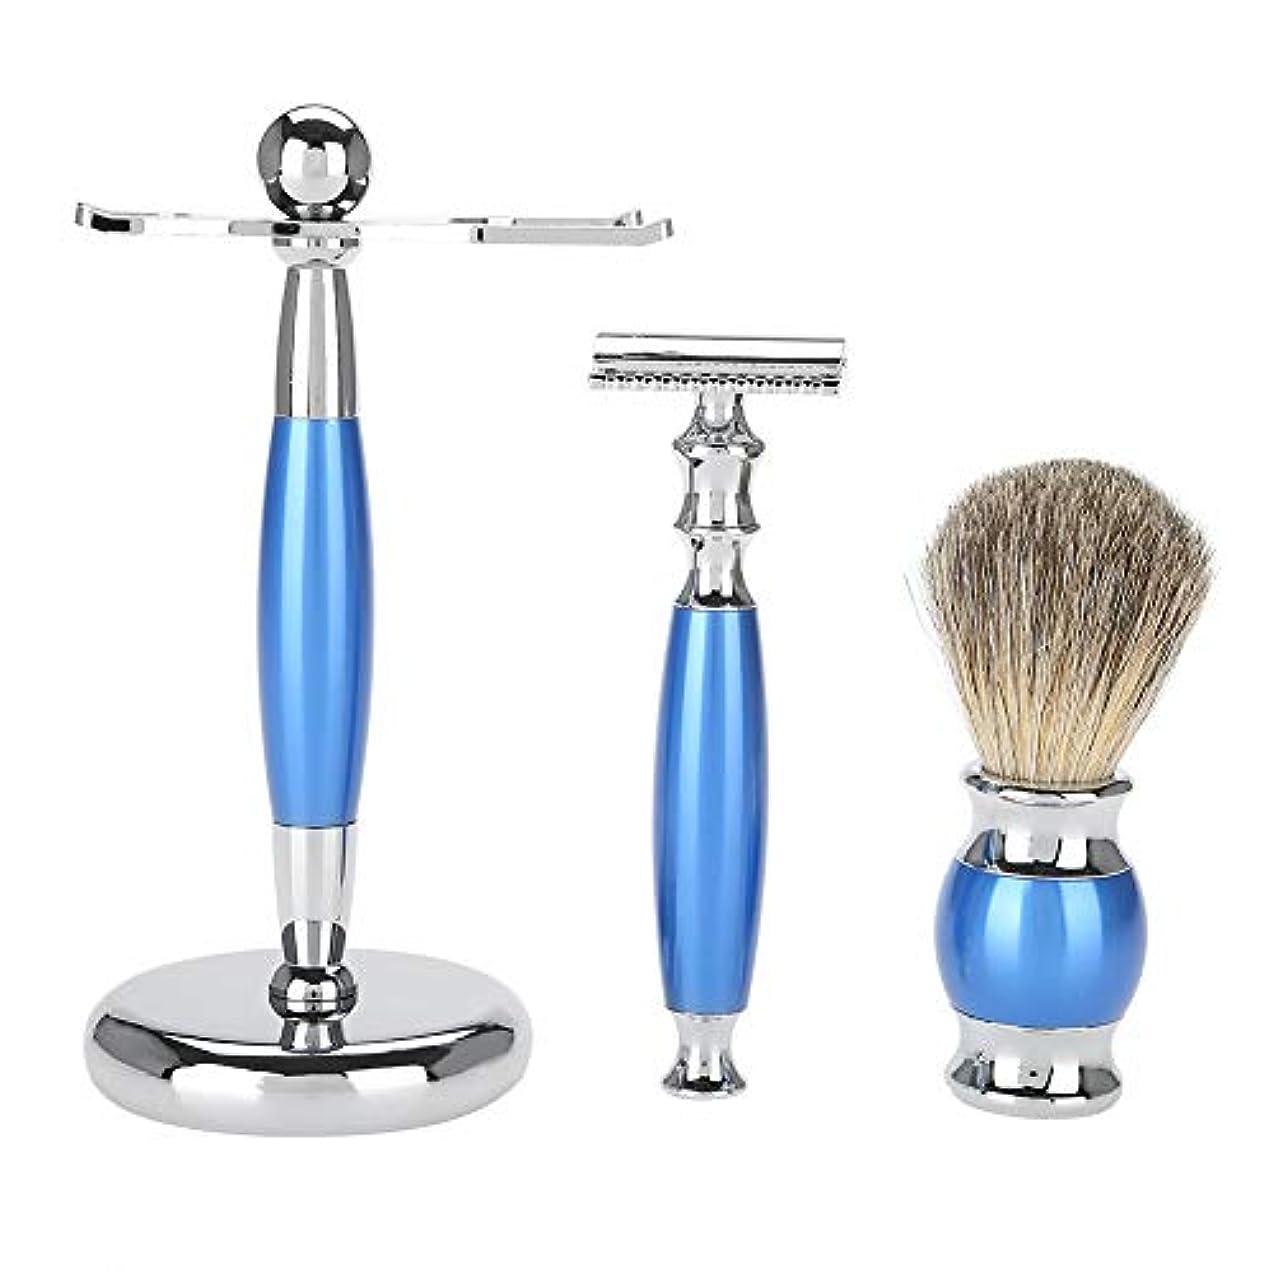 優先水分心臓ひげ剃りセット安全剃刀ブラシスタンドラックホルダー (青)